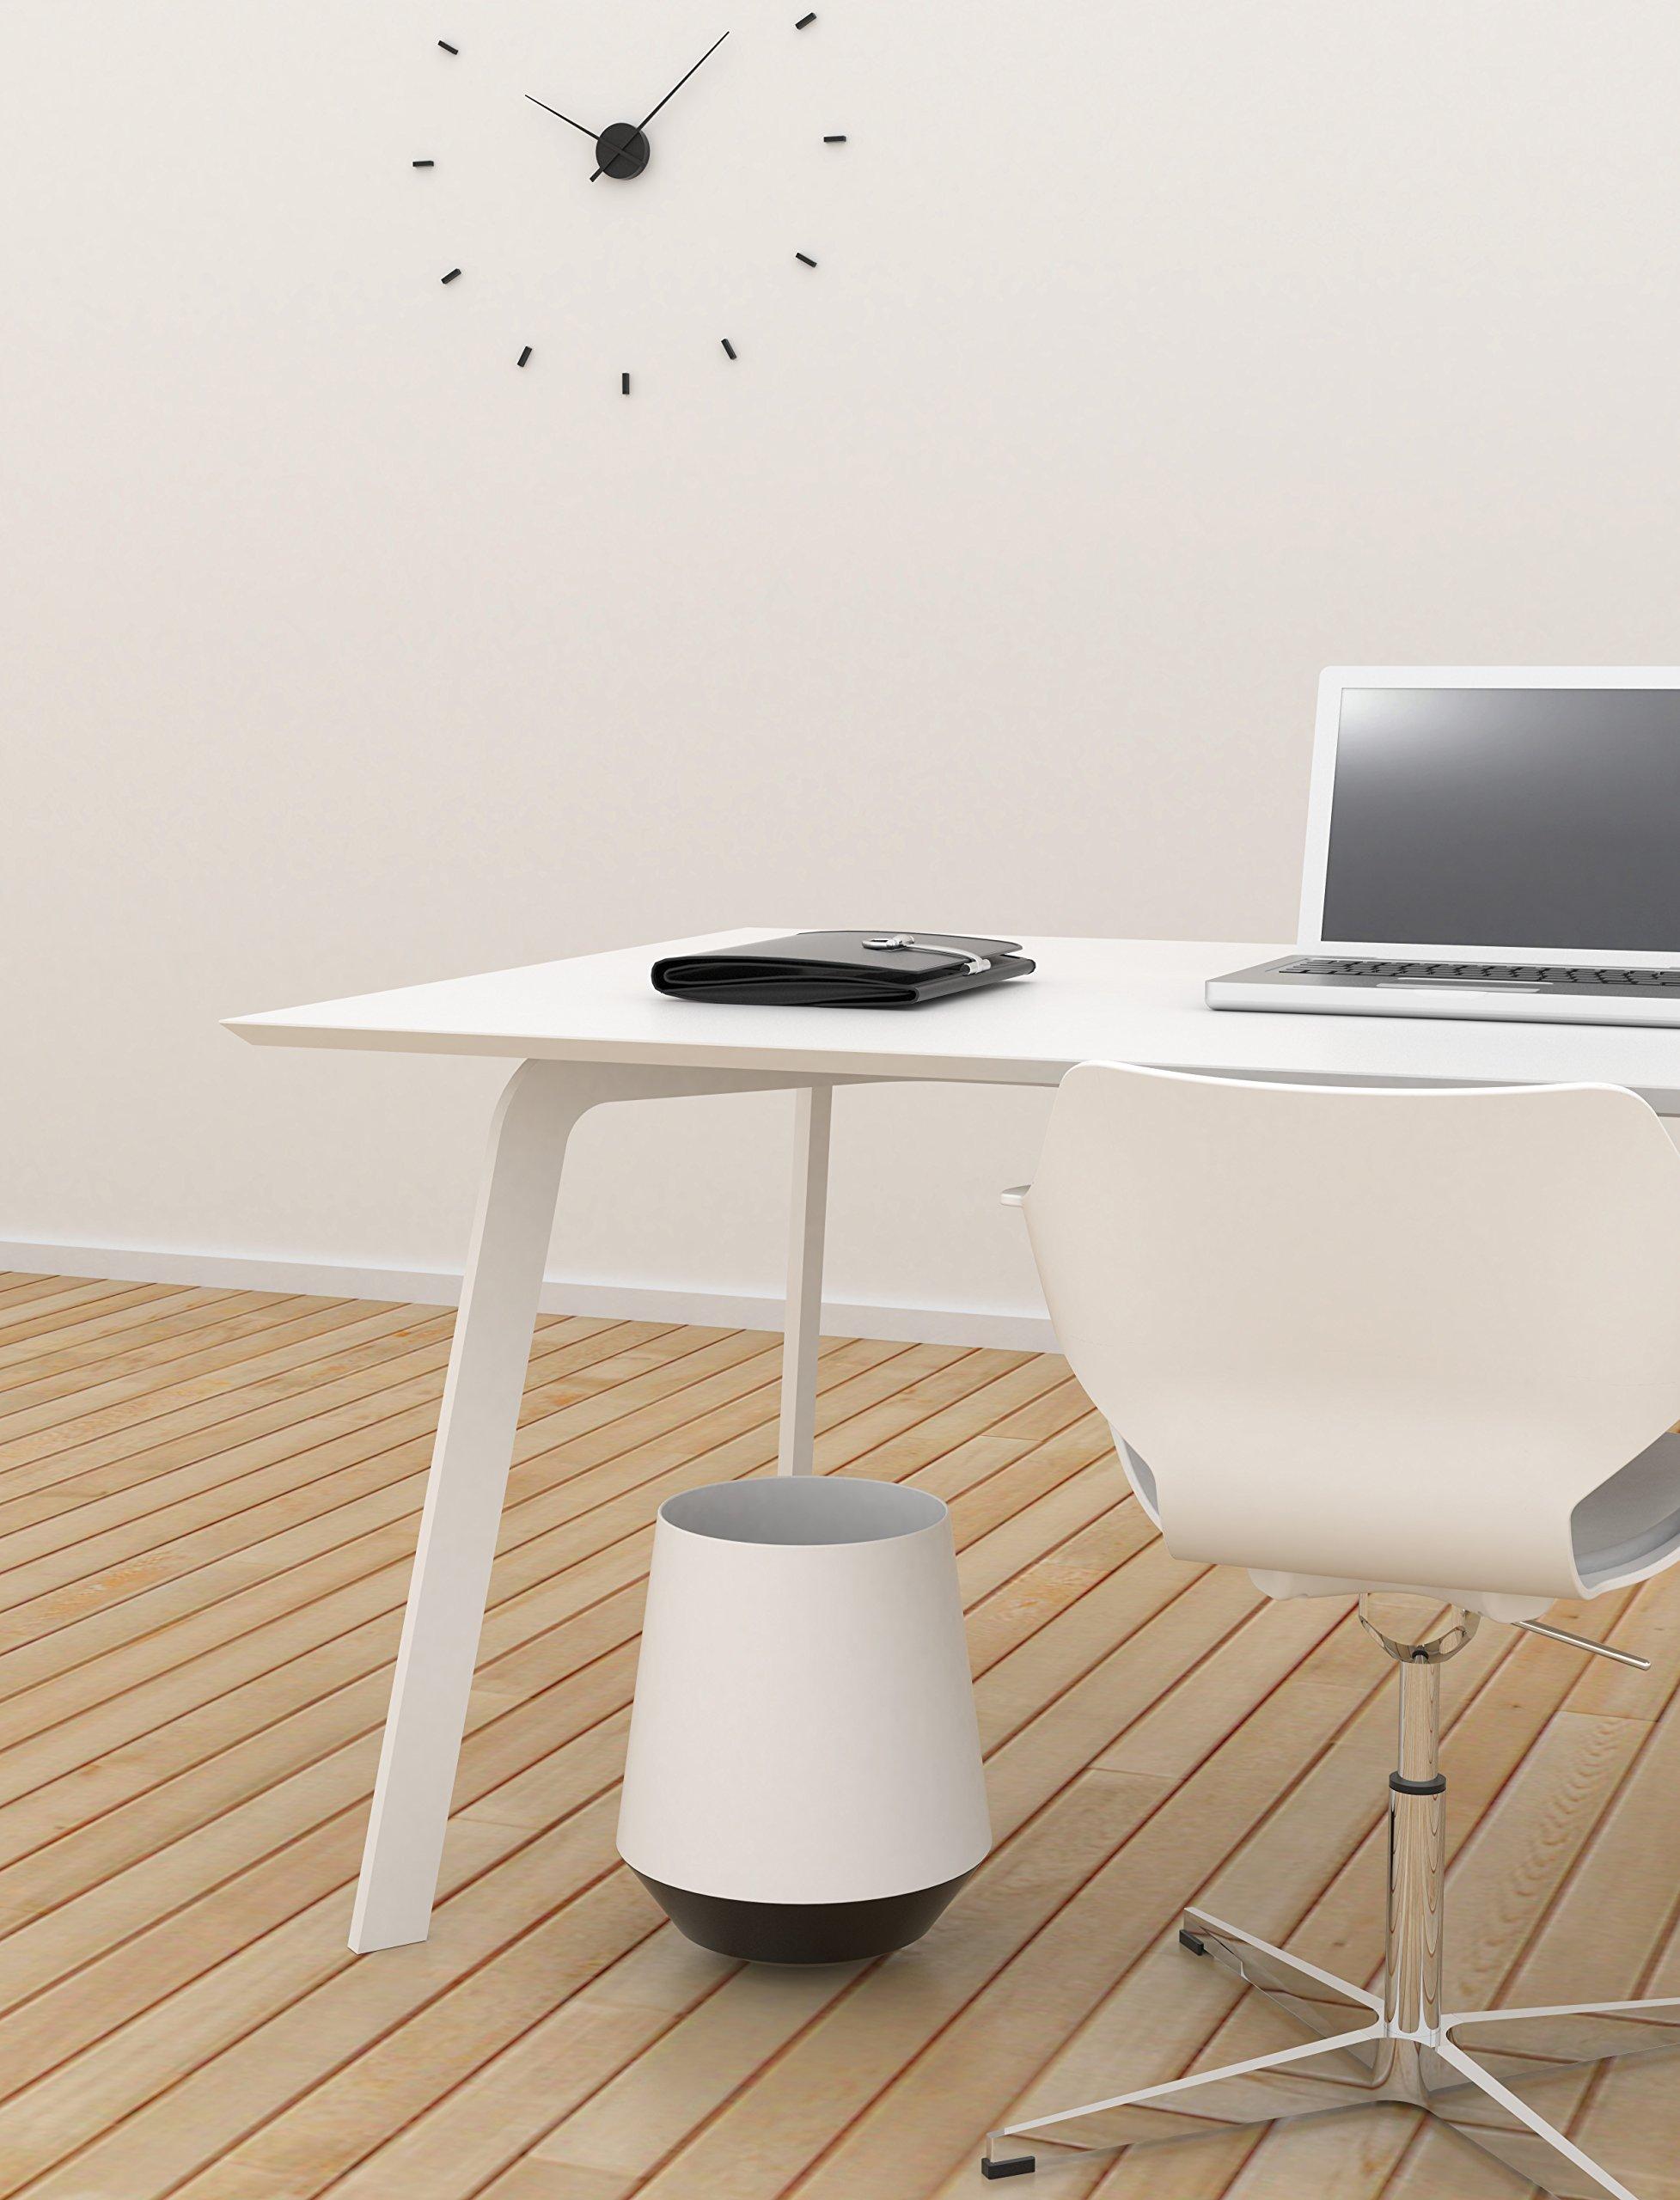 Papelera Oficina para Escritorio de 17 Litros, Papelera Balanceo con mucho juego ,Modelo Biel, Varios Colores, de la marca Made Design Barcelona Fabricada en España (Blanco)